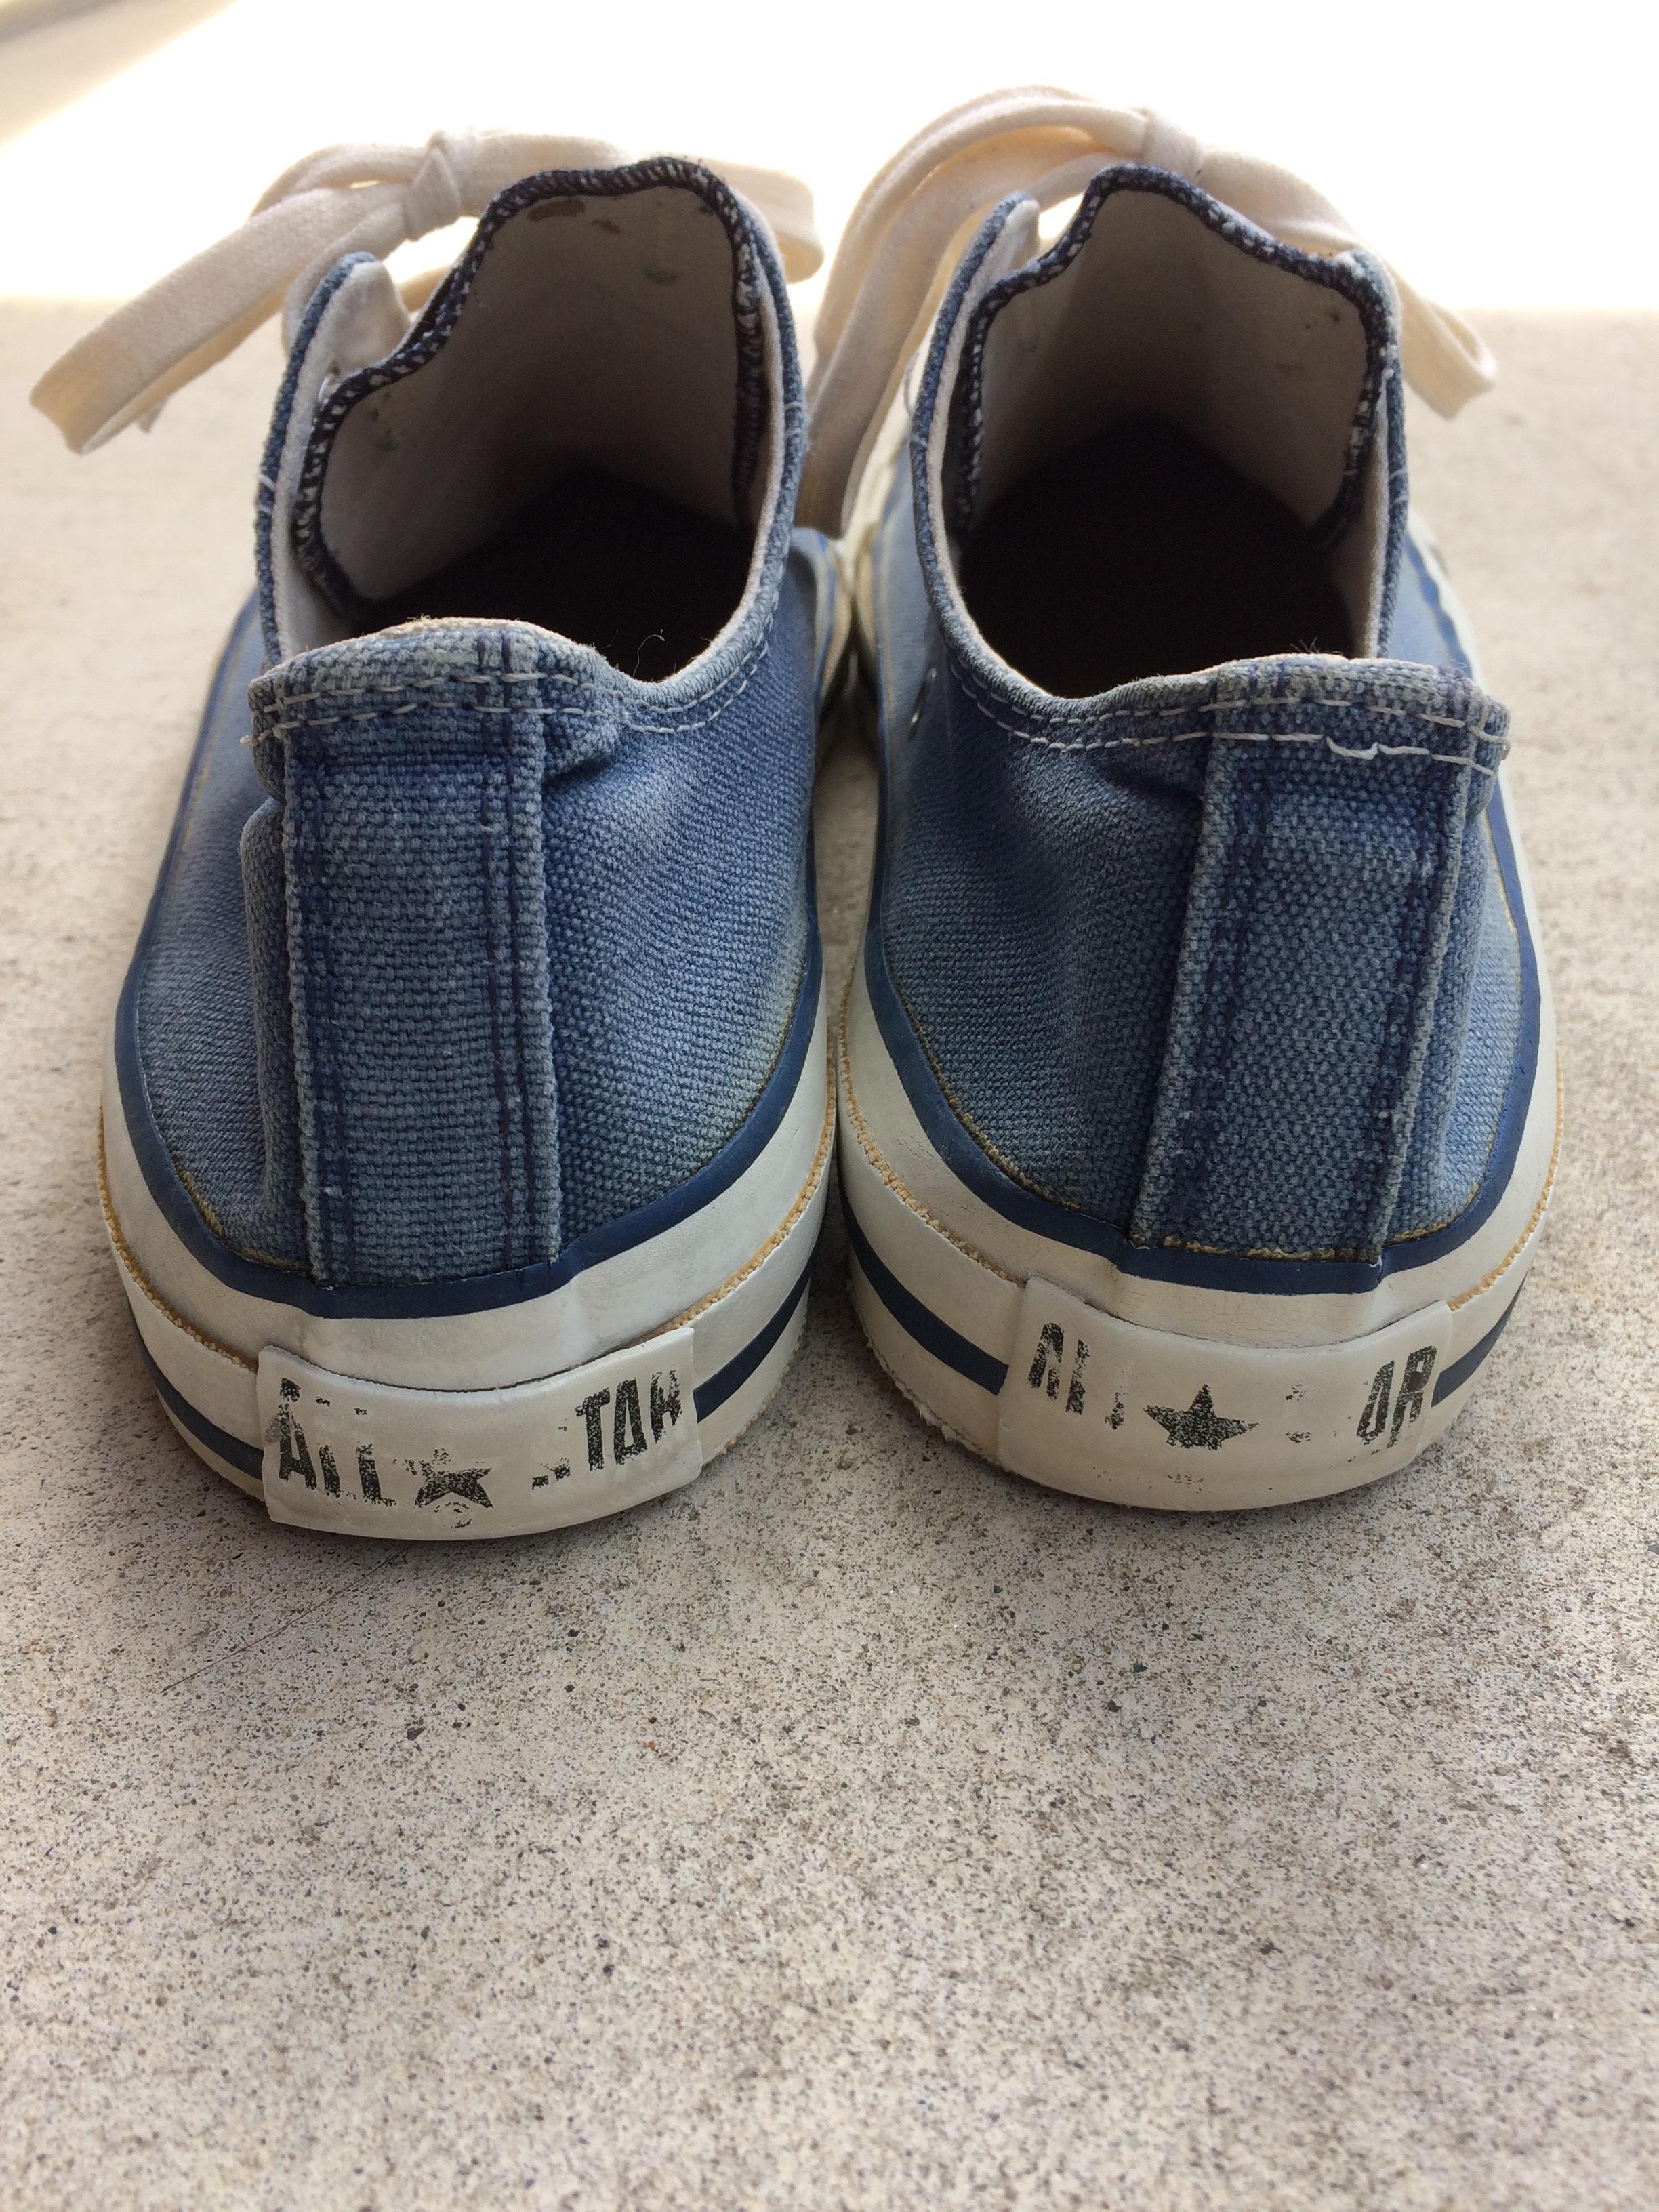 90s Converse Made in U.S.A. 8 1/2